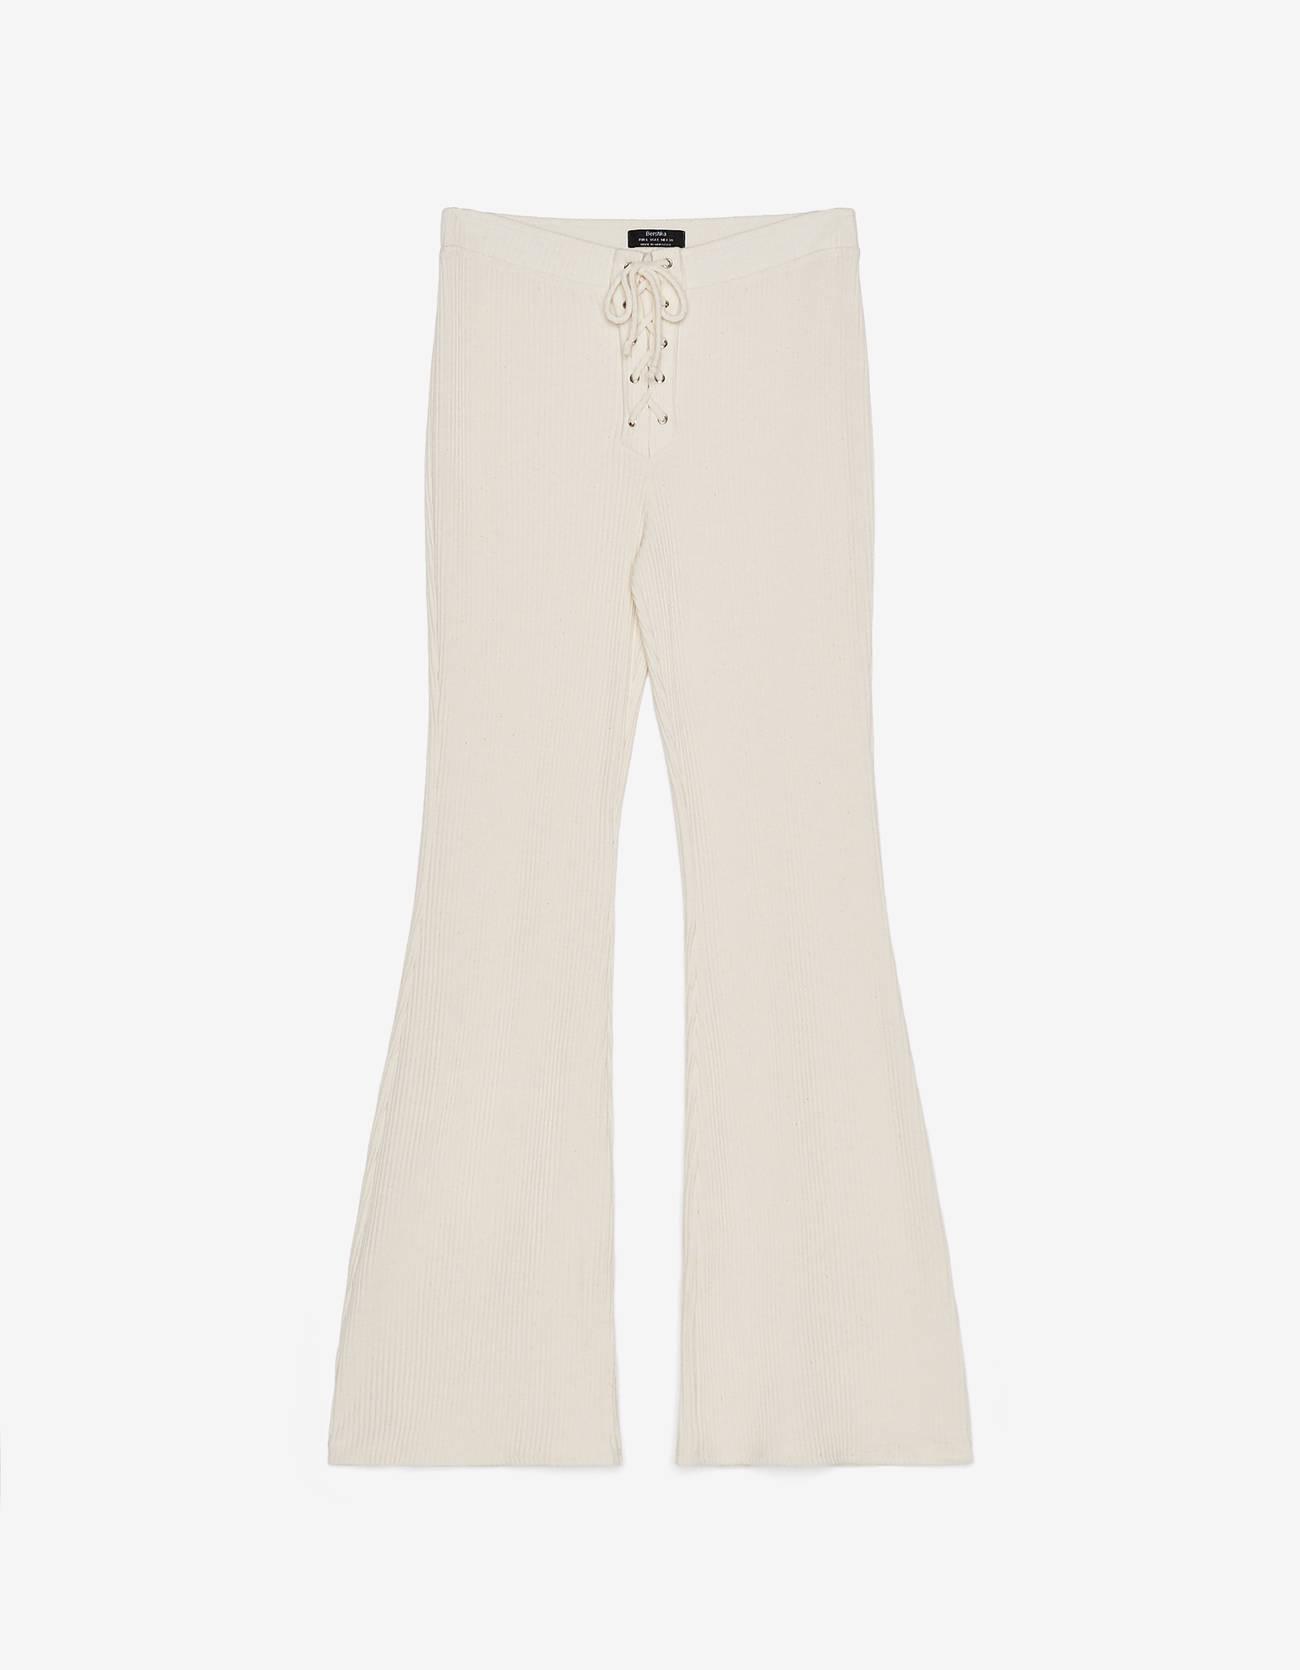 Расклешенные брюки со шнуровкой Бежевый Bershka